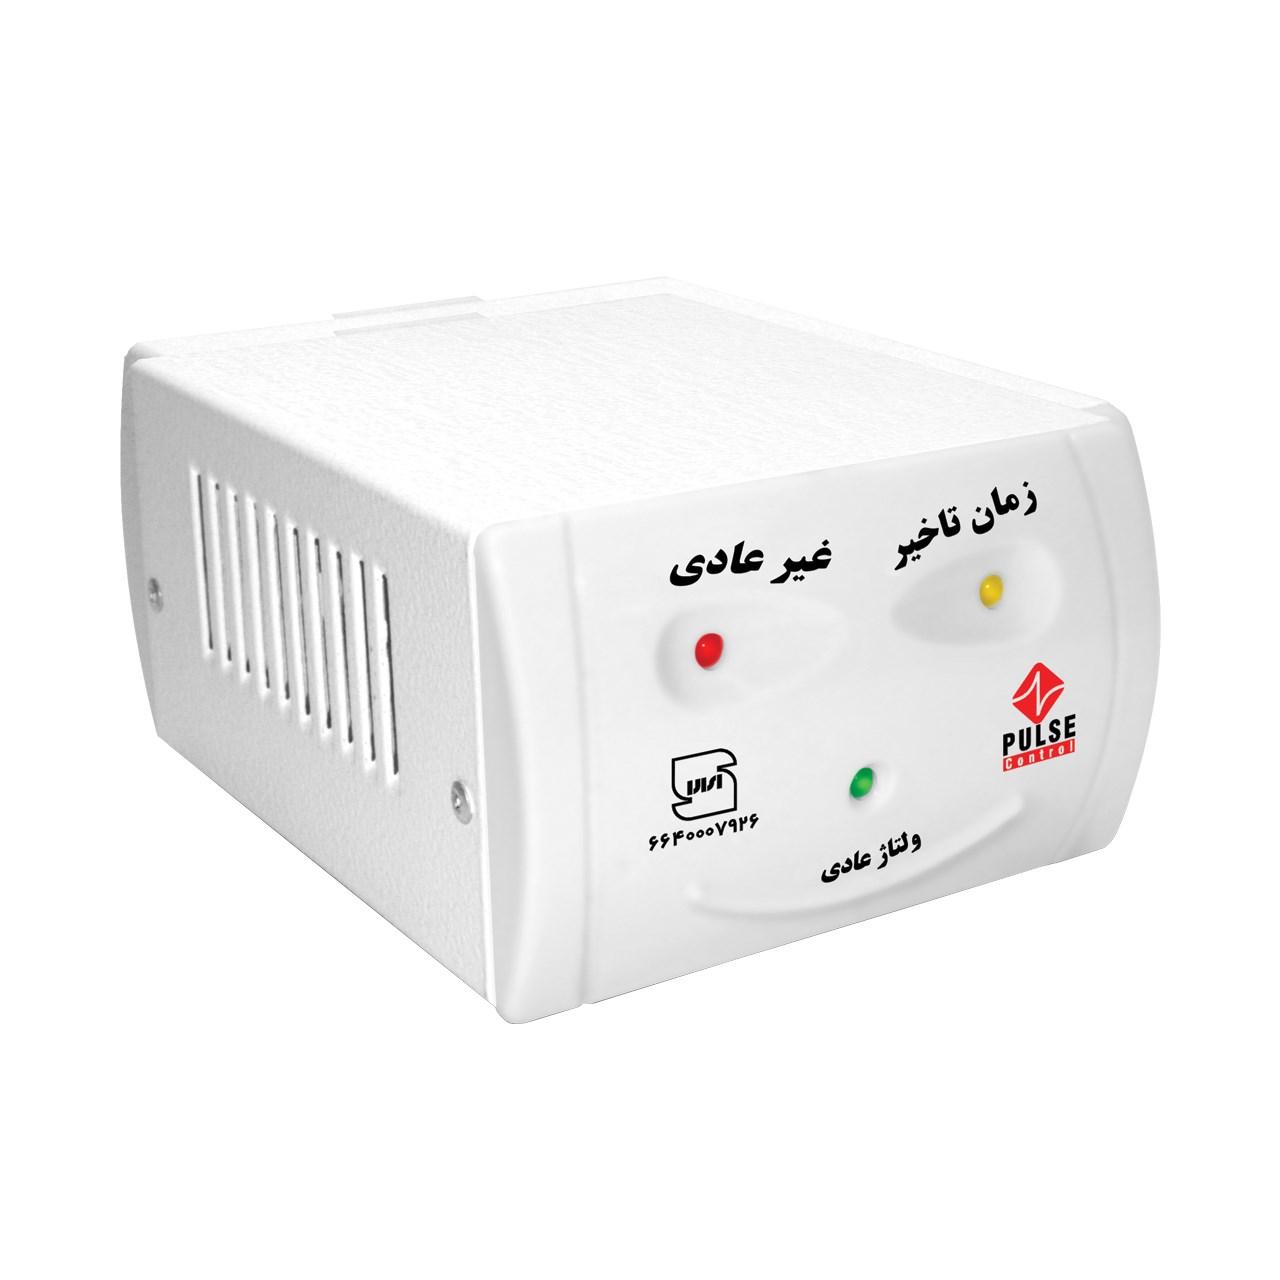 محافظ ولتاژ پالس کنترل مدل PCR200  مناسب برای یخچال